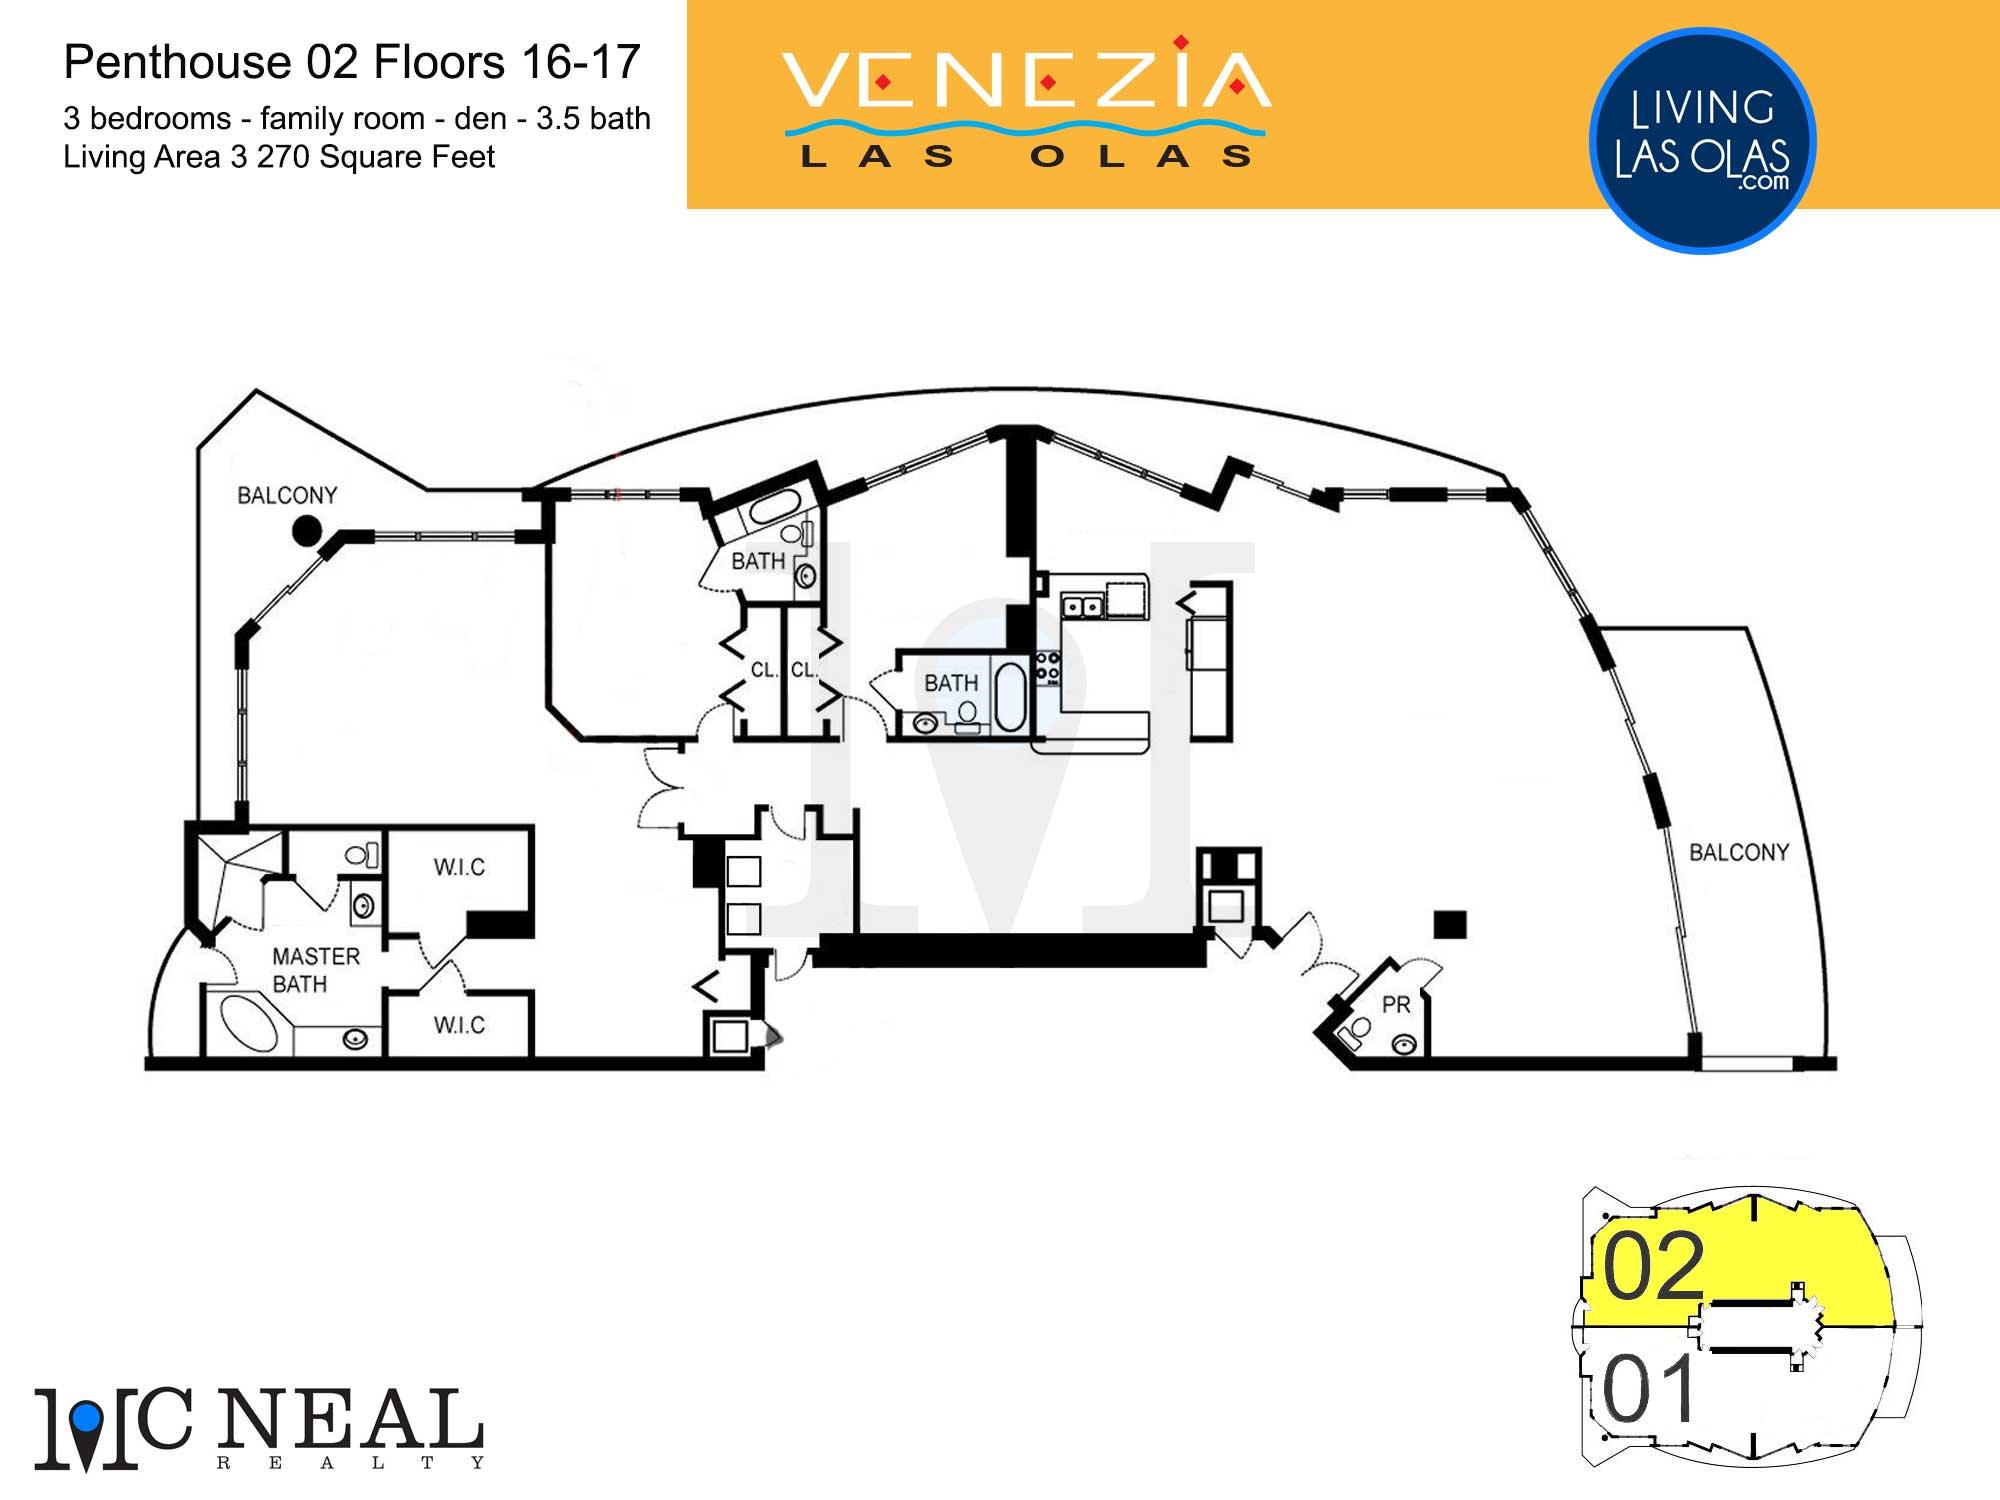 Venezia Las Olas Floor Plans 16-17 Penthouse 2